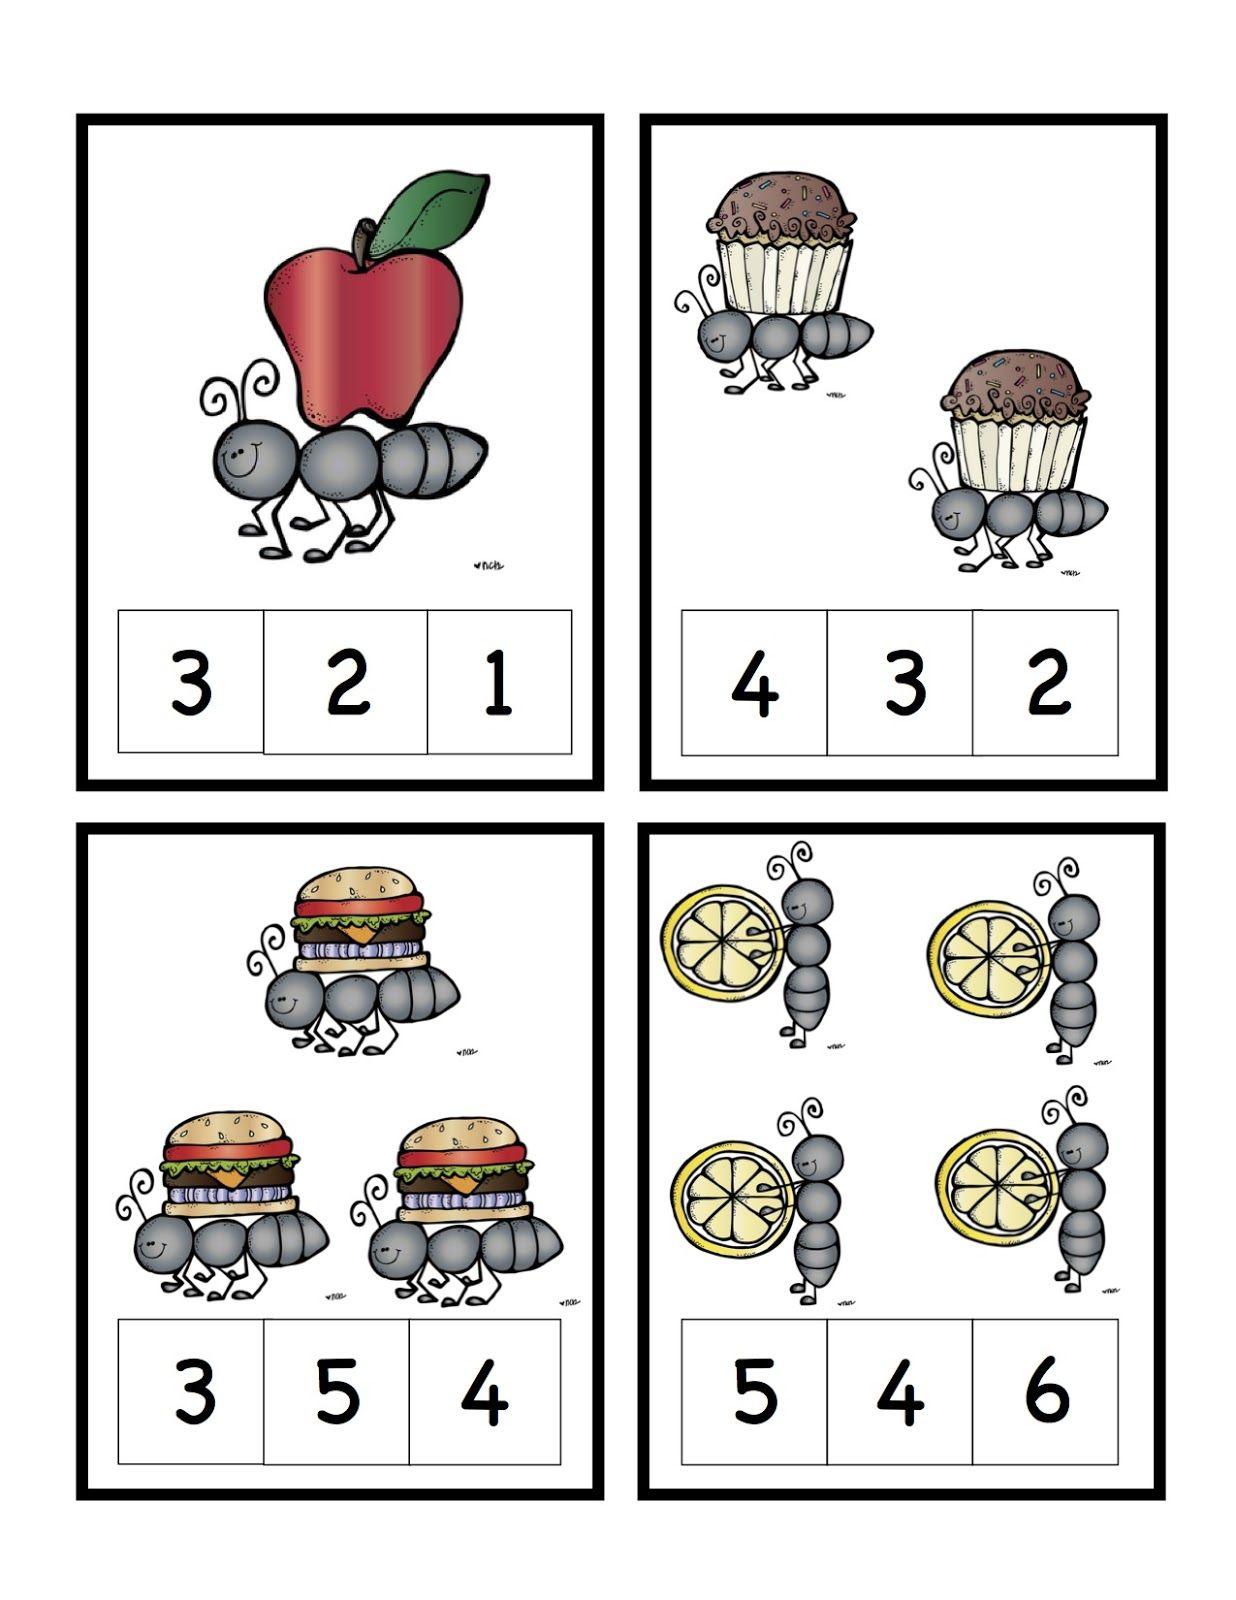 Ants Num Cards 1 4 1 236 1 600 Pixels